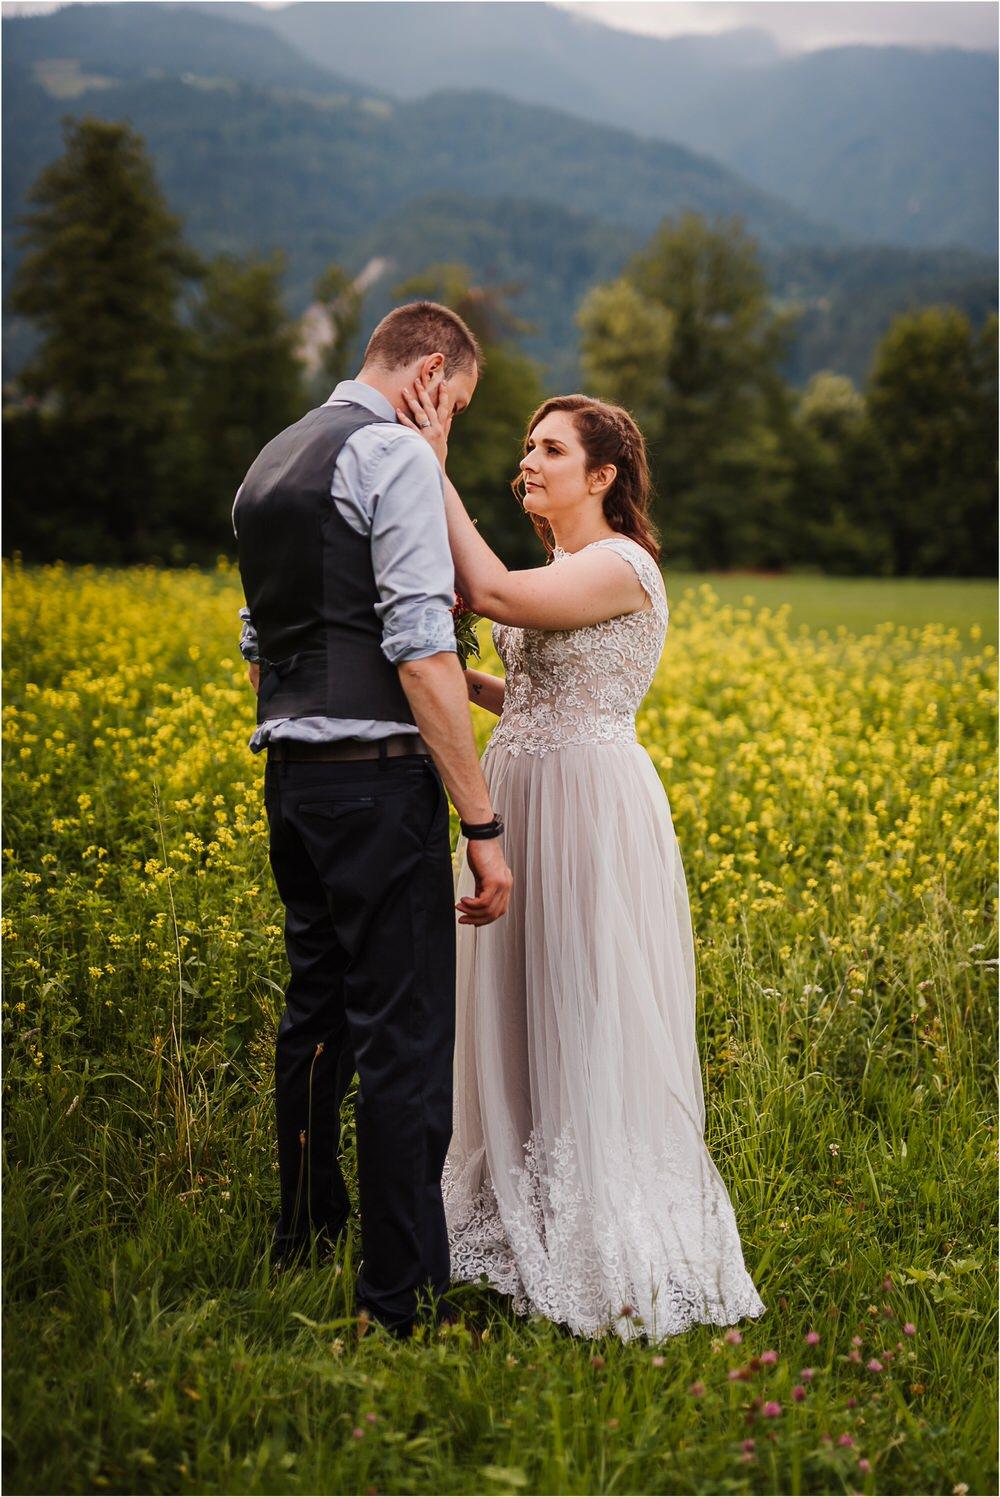 goriska brda poroka fotgorafija fotograf fotografiranje porocno kras primorska obala romanticna boho poroka rustikalna nika grega 0069.jpg